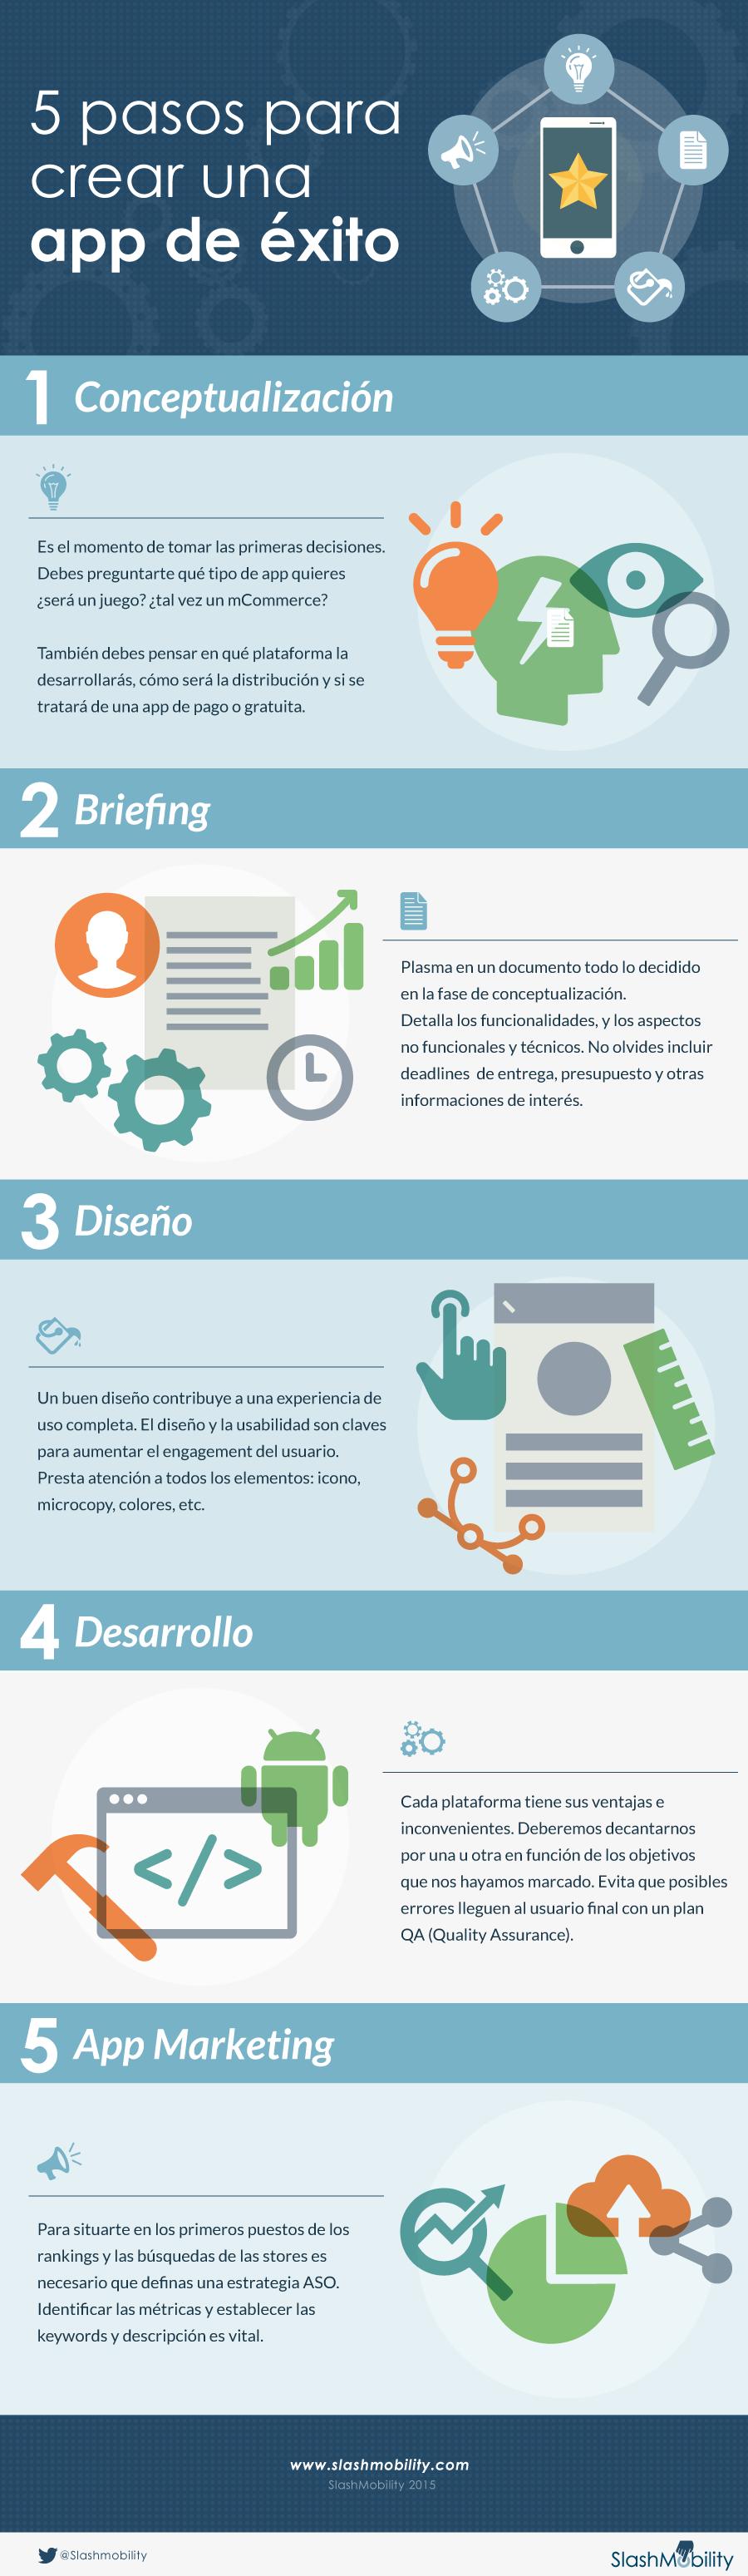 infografia: 5 pasos crear app exitosa